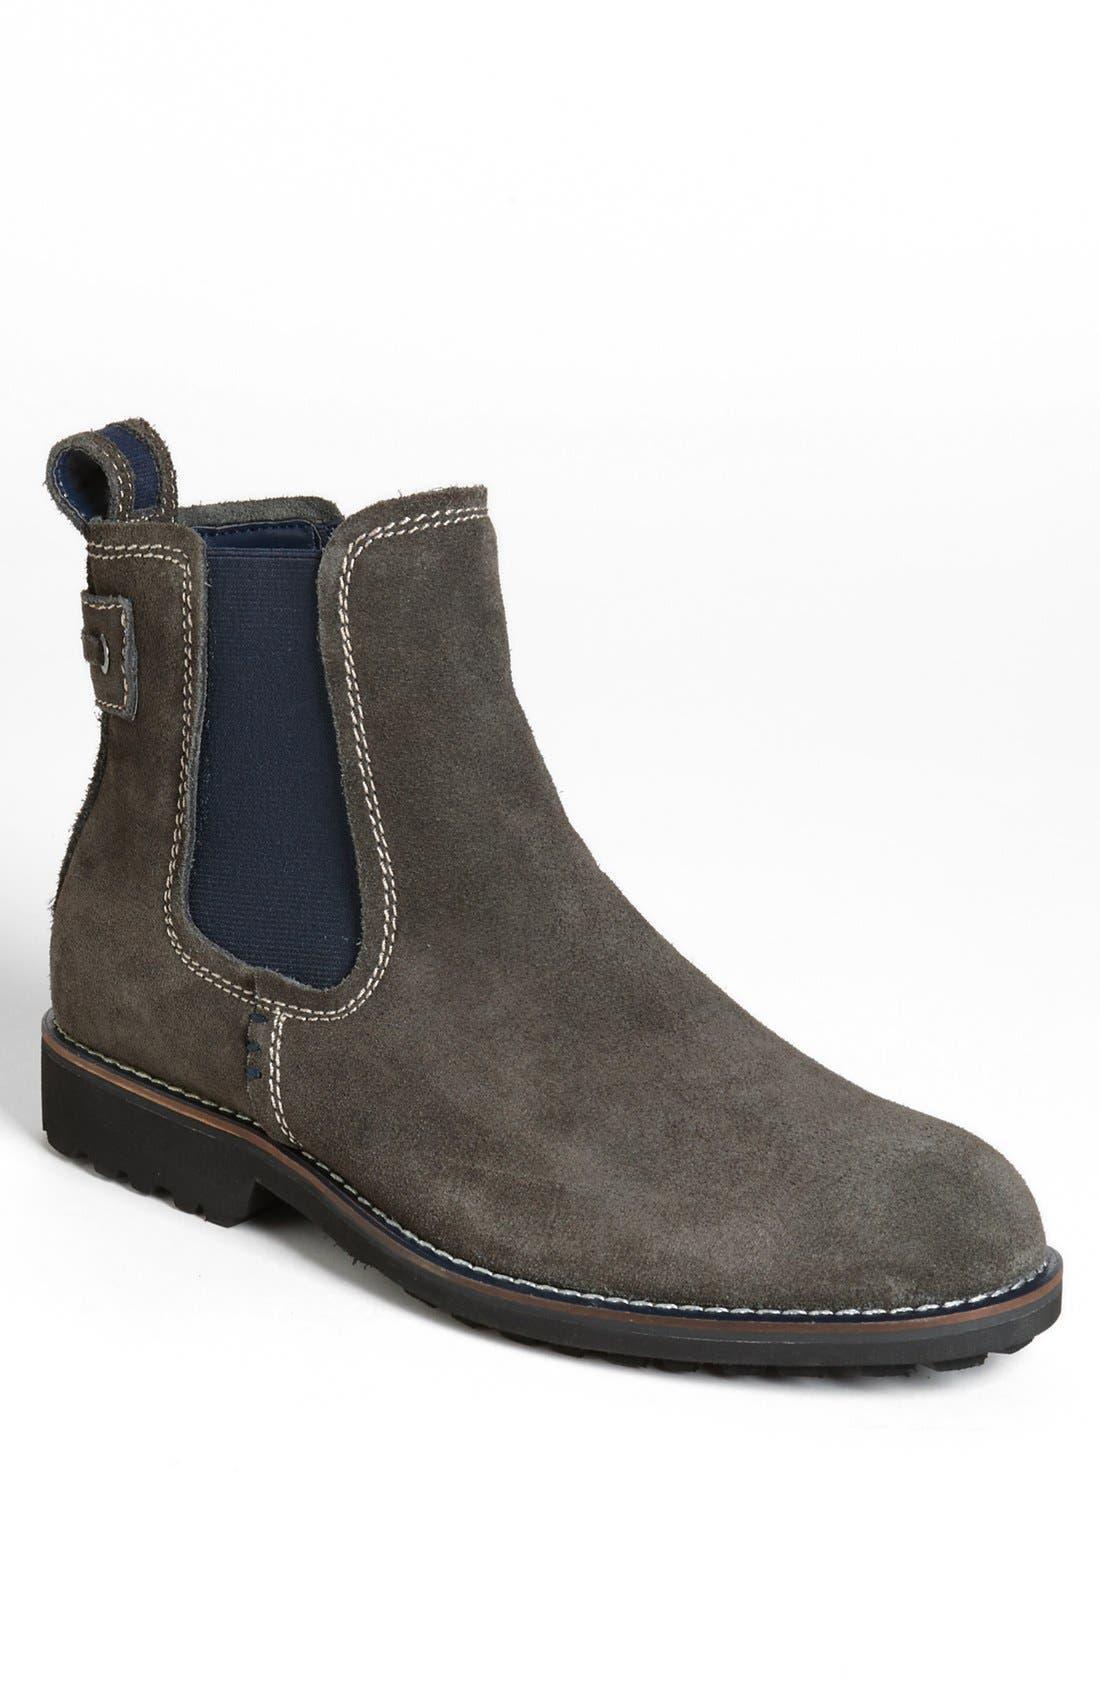 Alternate Image 1 Selected - G.H. Bass & Co. 'Kennett' Chelsea Boot